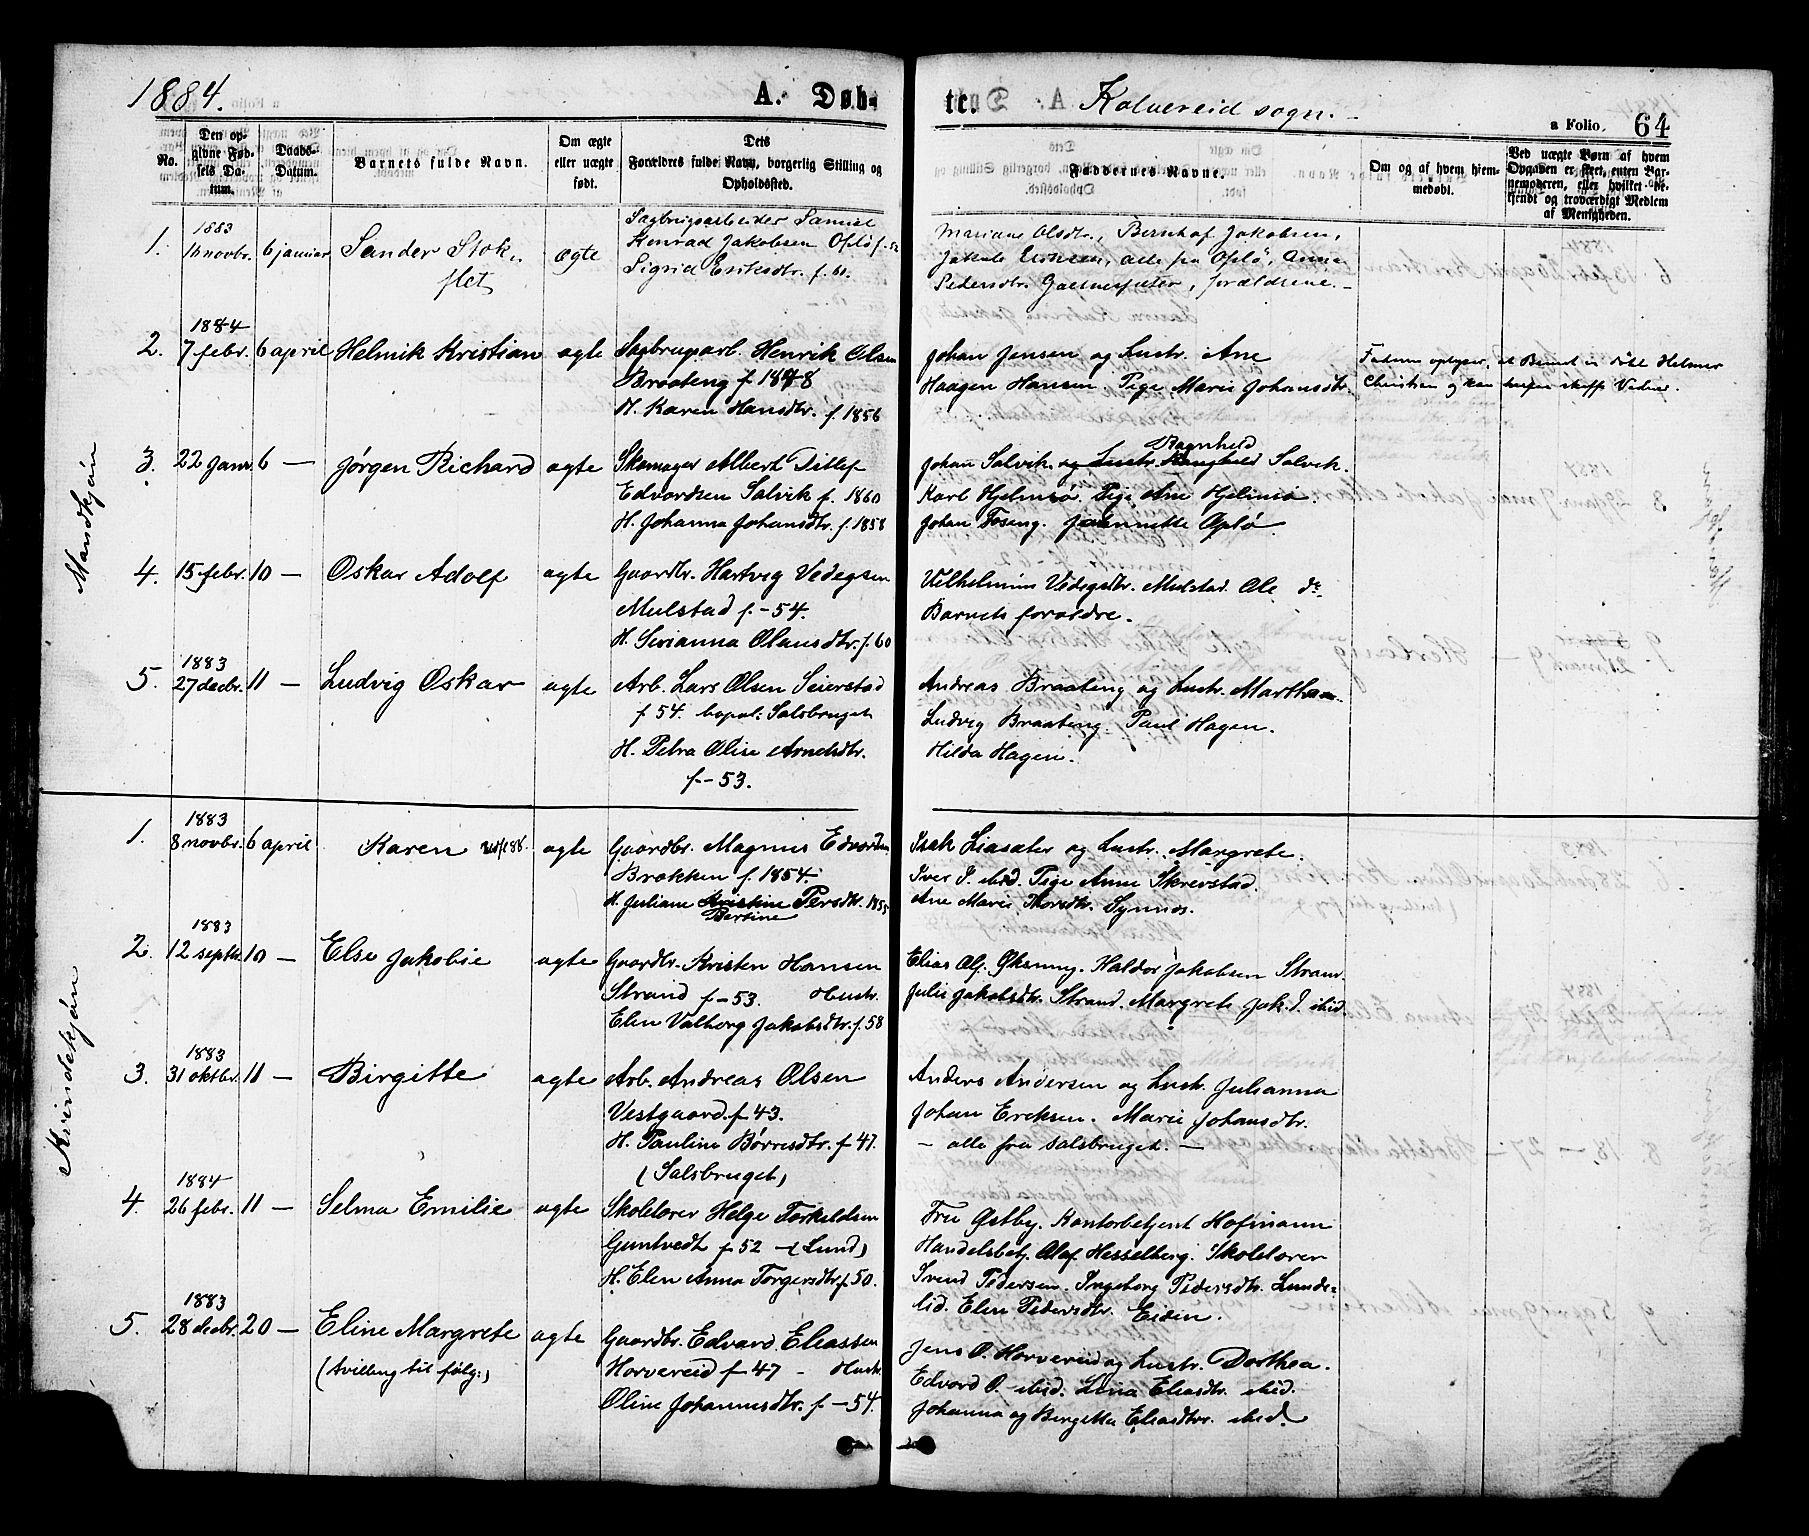 SAT, Ministerialprotokoller, klokkerbøker og fødselsregistre - Nord-Trøndelag, 780/L0642: Ministerialbok nr. 780A07 /1, 1874-1885, s. 64